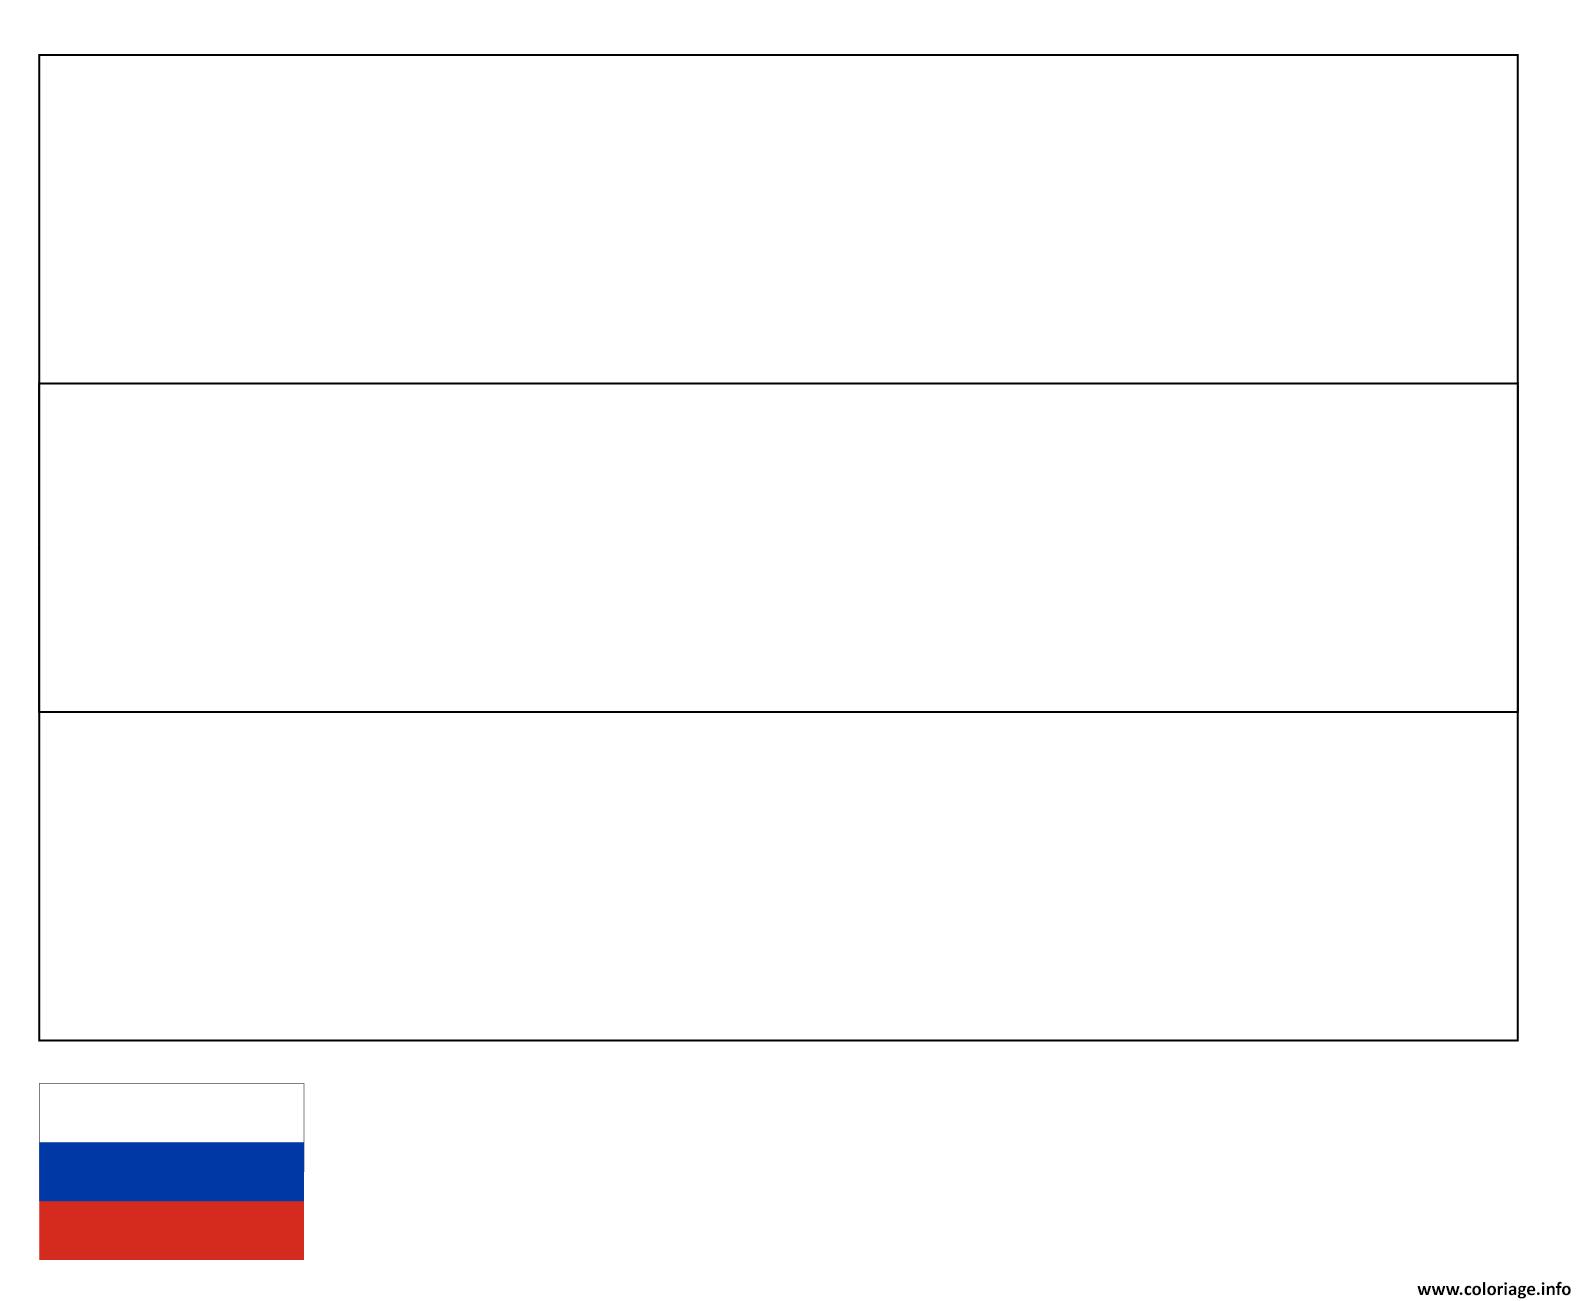 Dessin drapeau russie Coloriage Gratuit à Imprimer